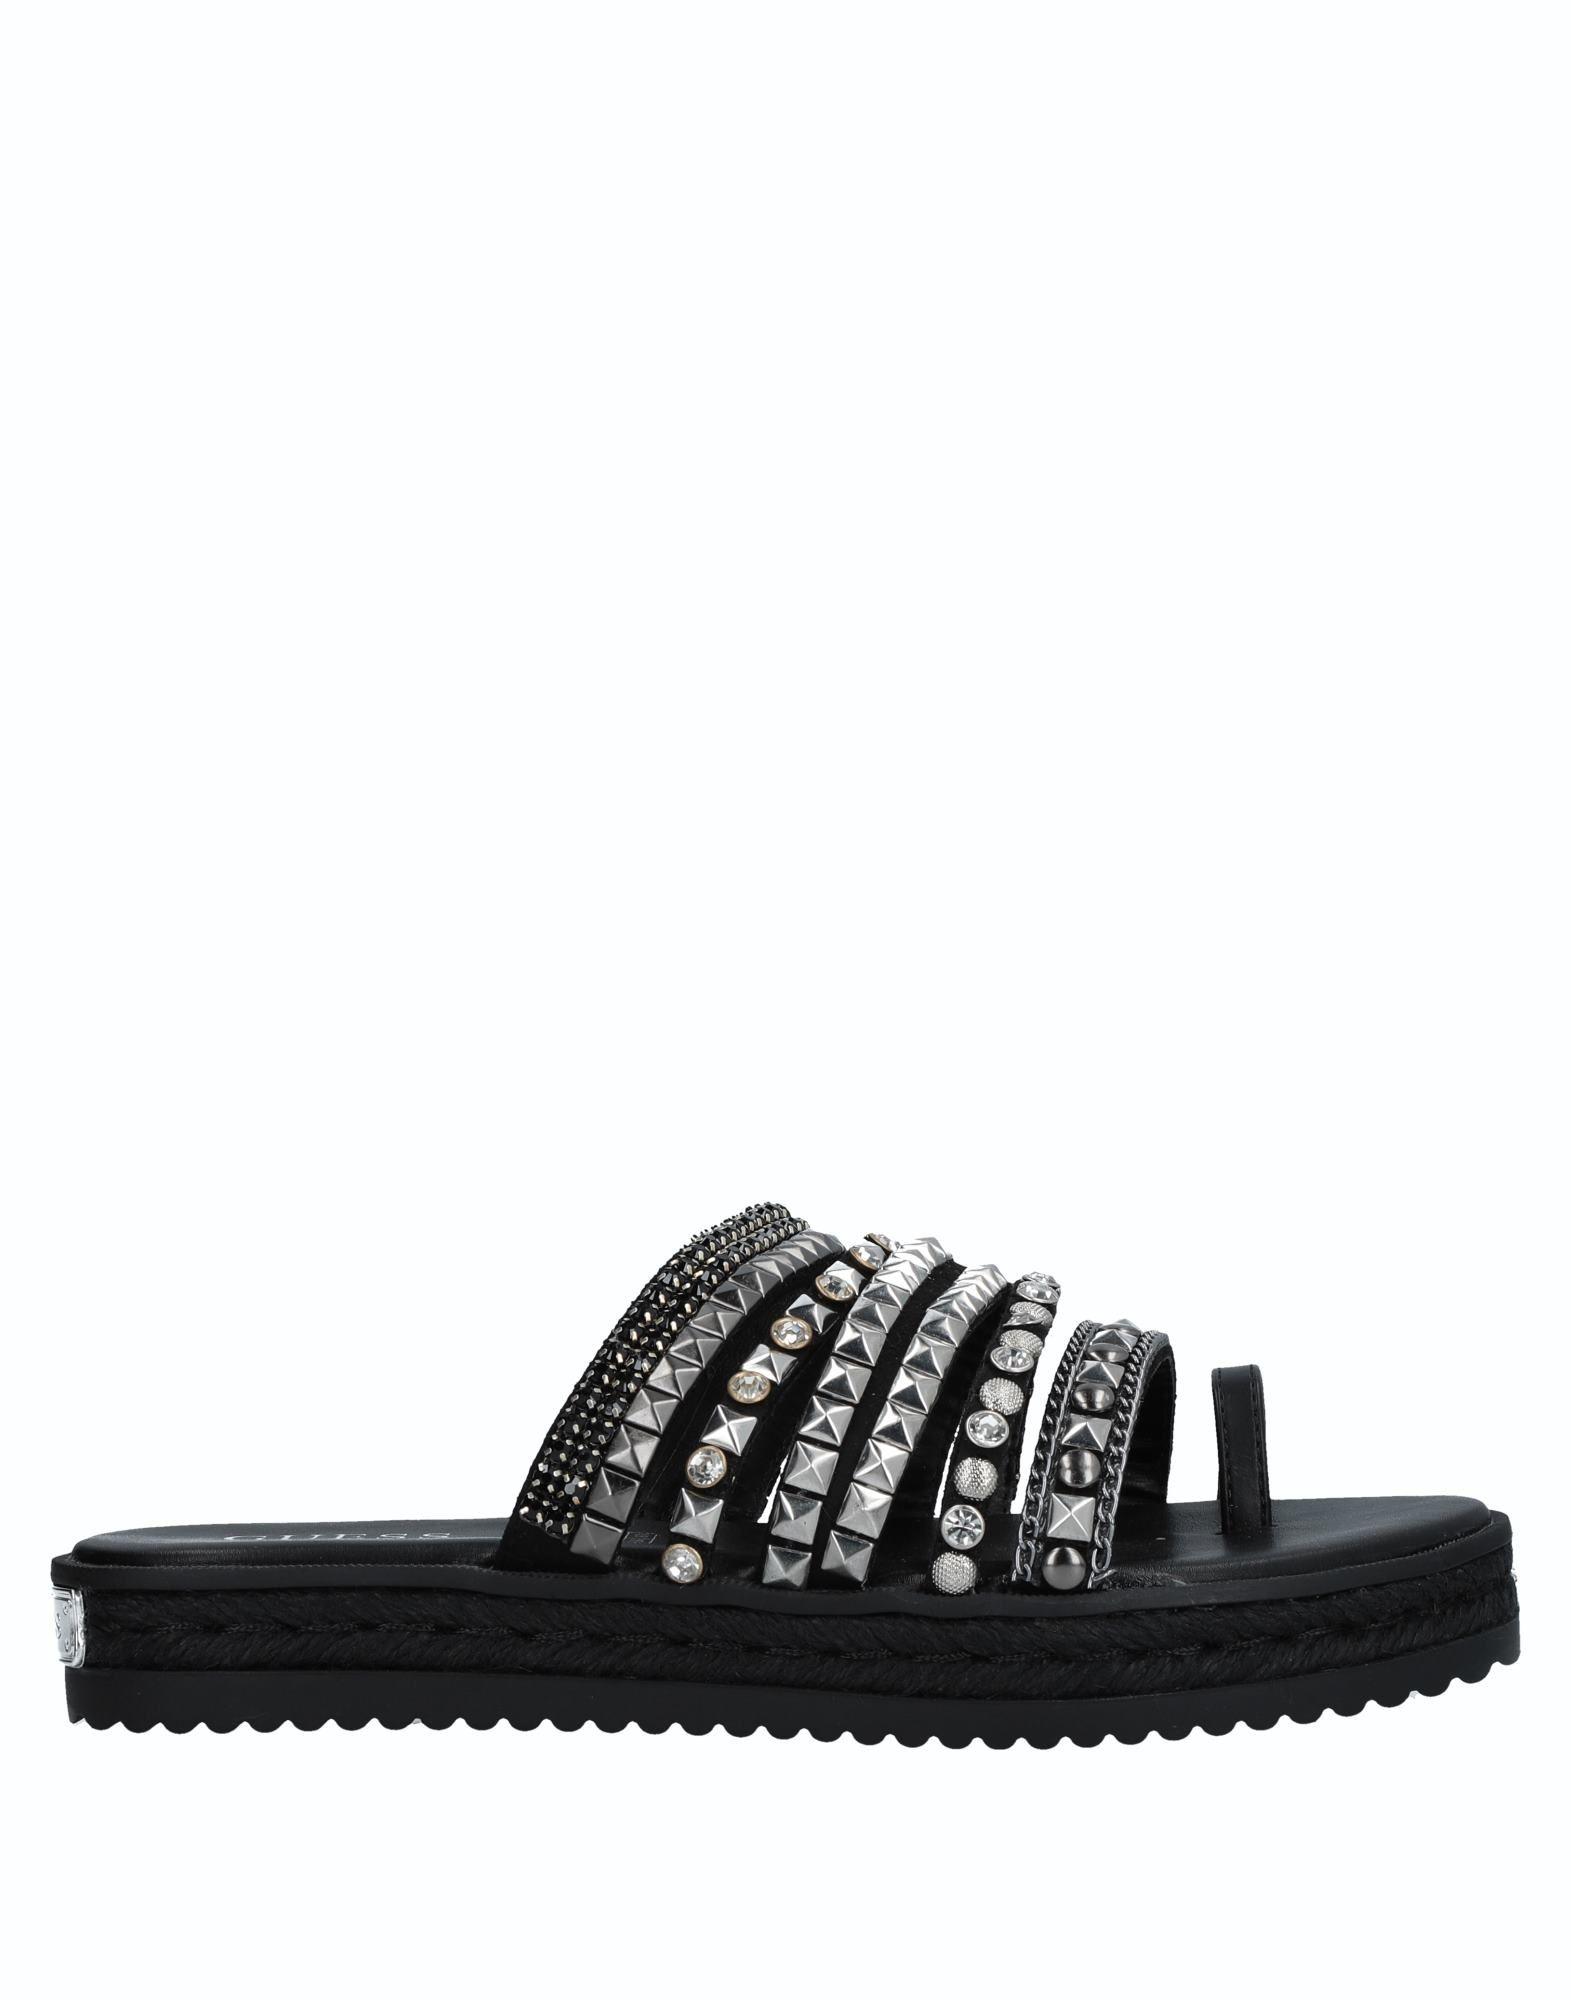 Guess Dianetten Damen  11524809KL Gute Qualität beliebte Schuhe